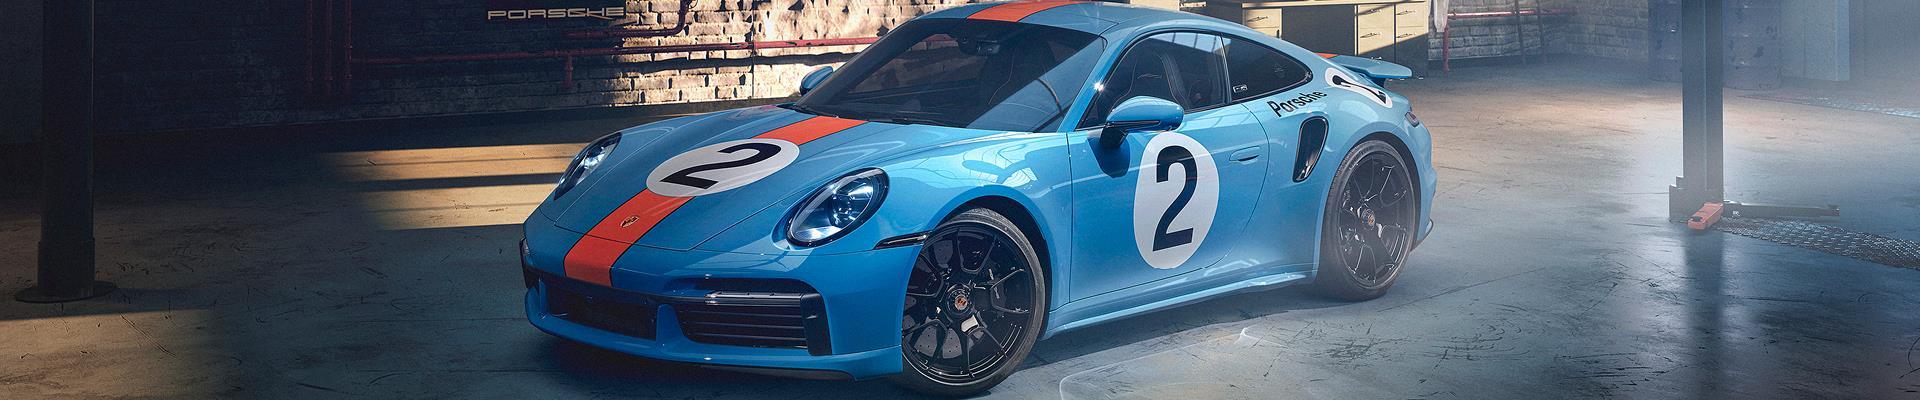 Porsche Edición Especial Pedro Rodriguez